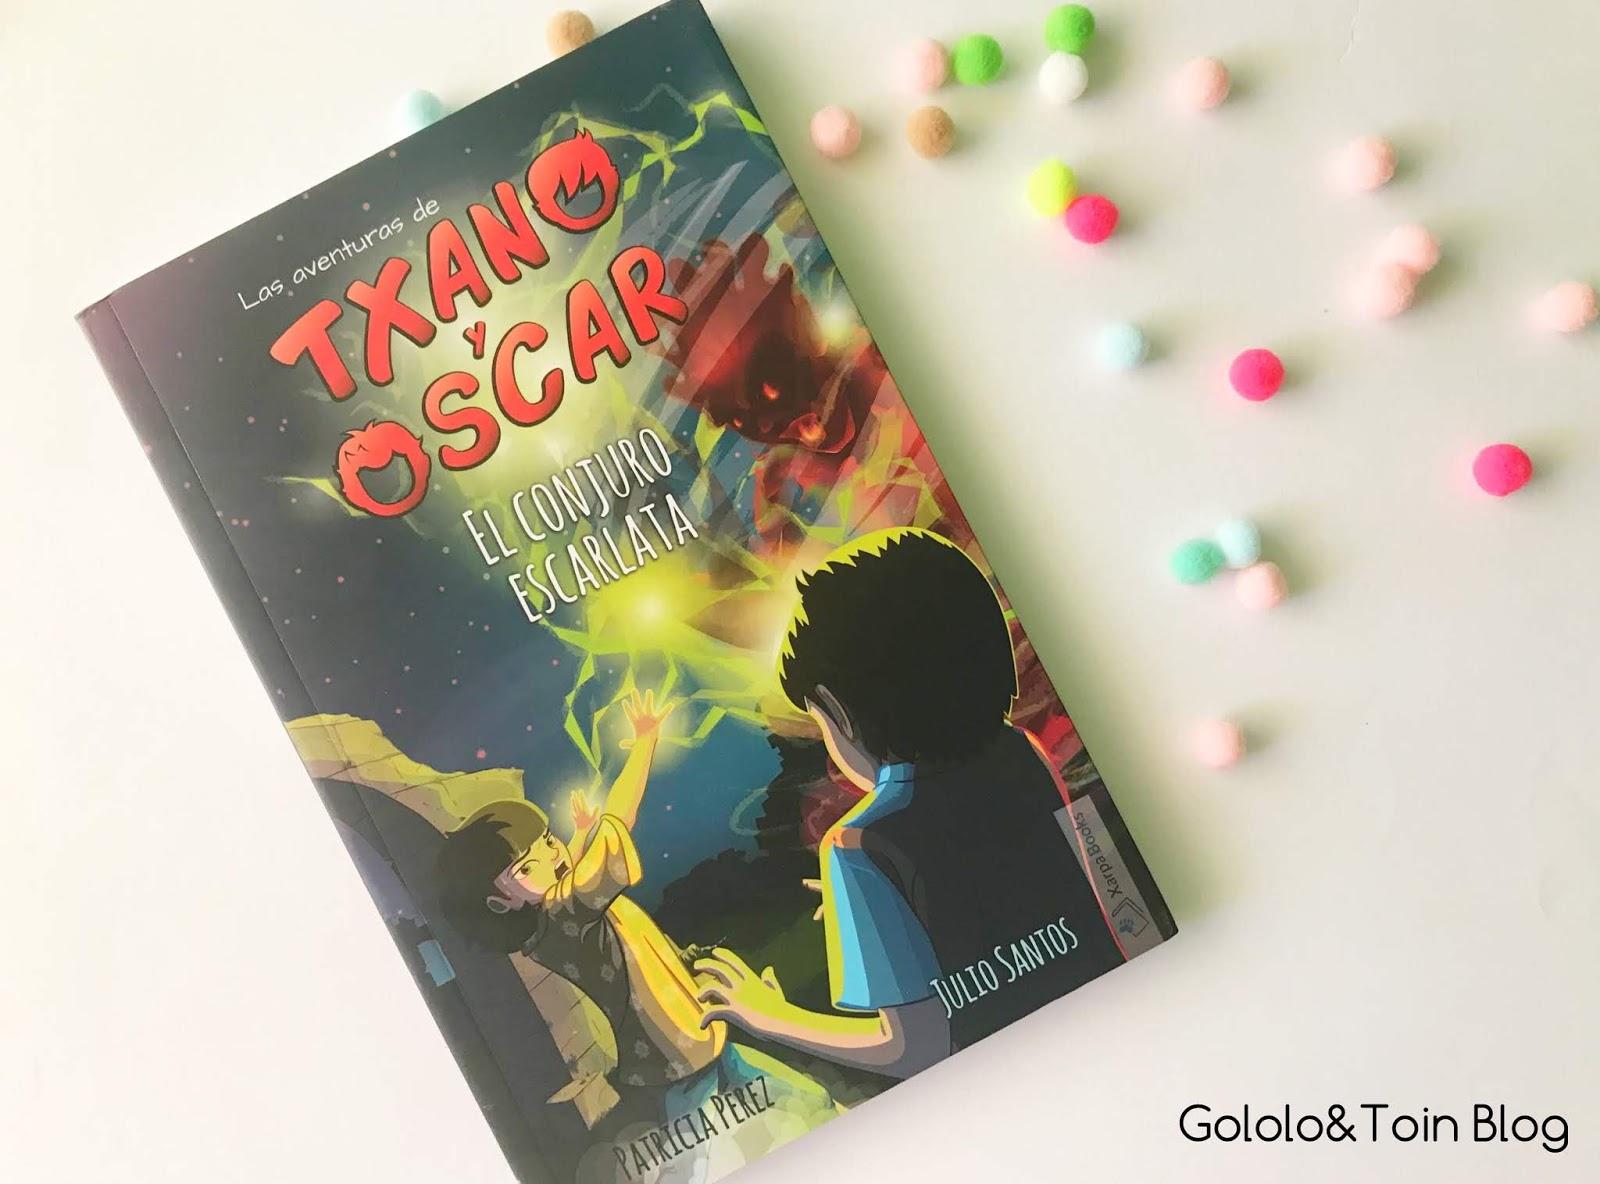 El Conjuro Escarlata. Las aventuras de Txano y Óscar